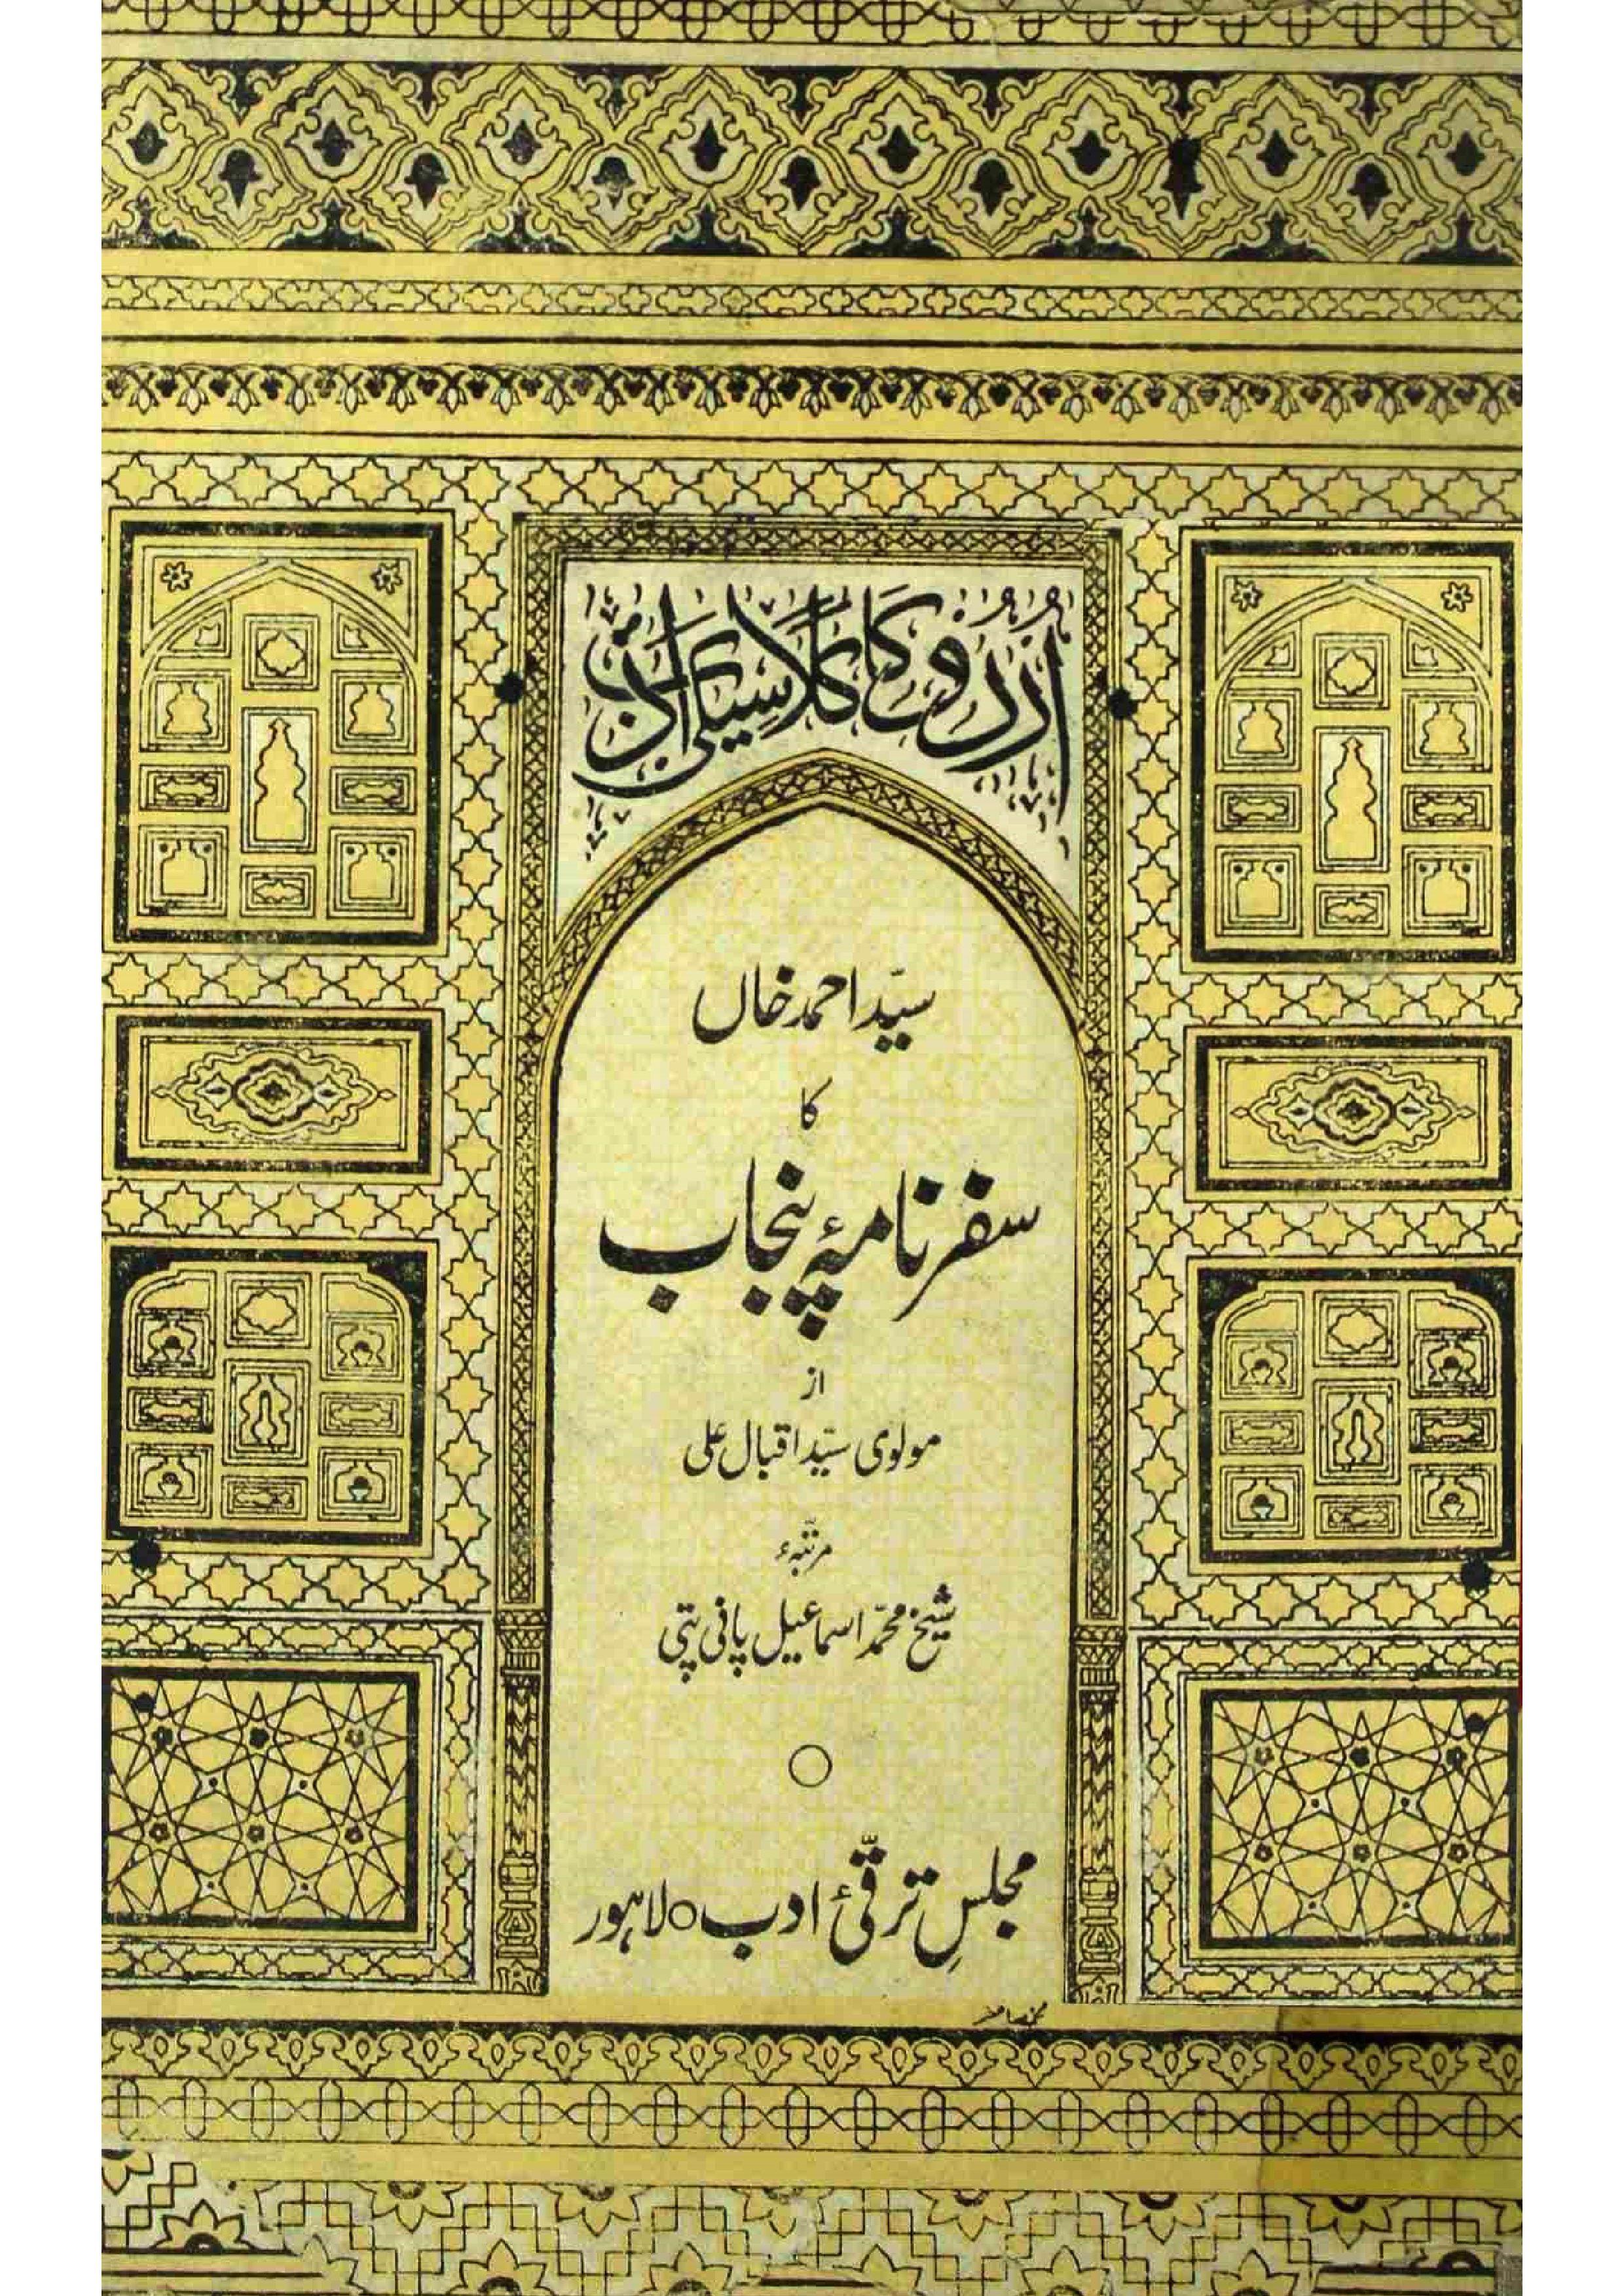 Syed Ahmad Khan Ka Safar Nama-e-Panjab